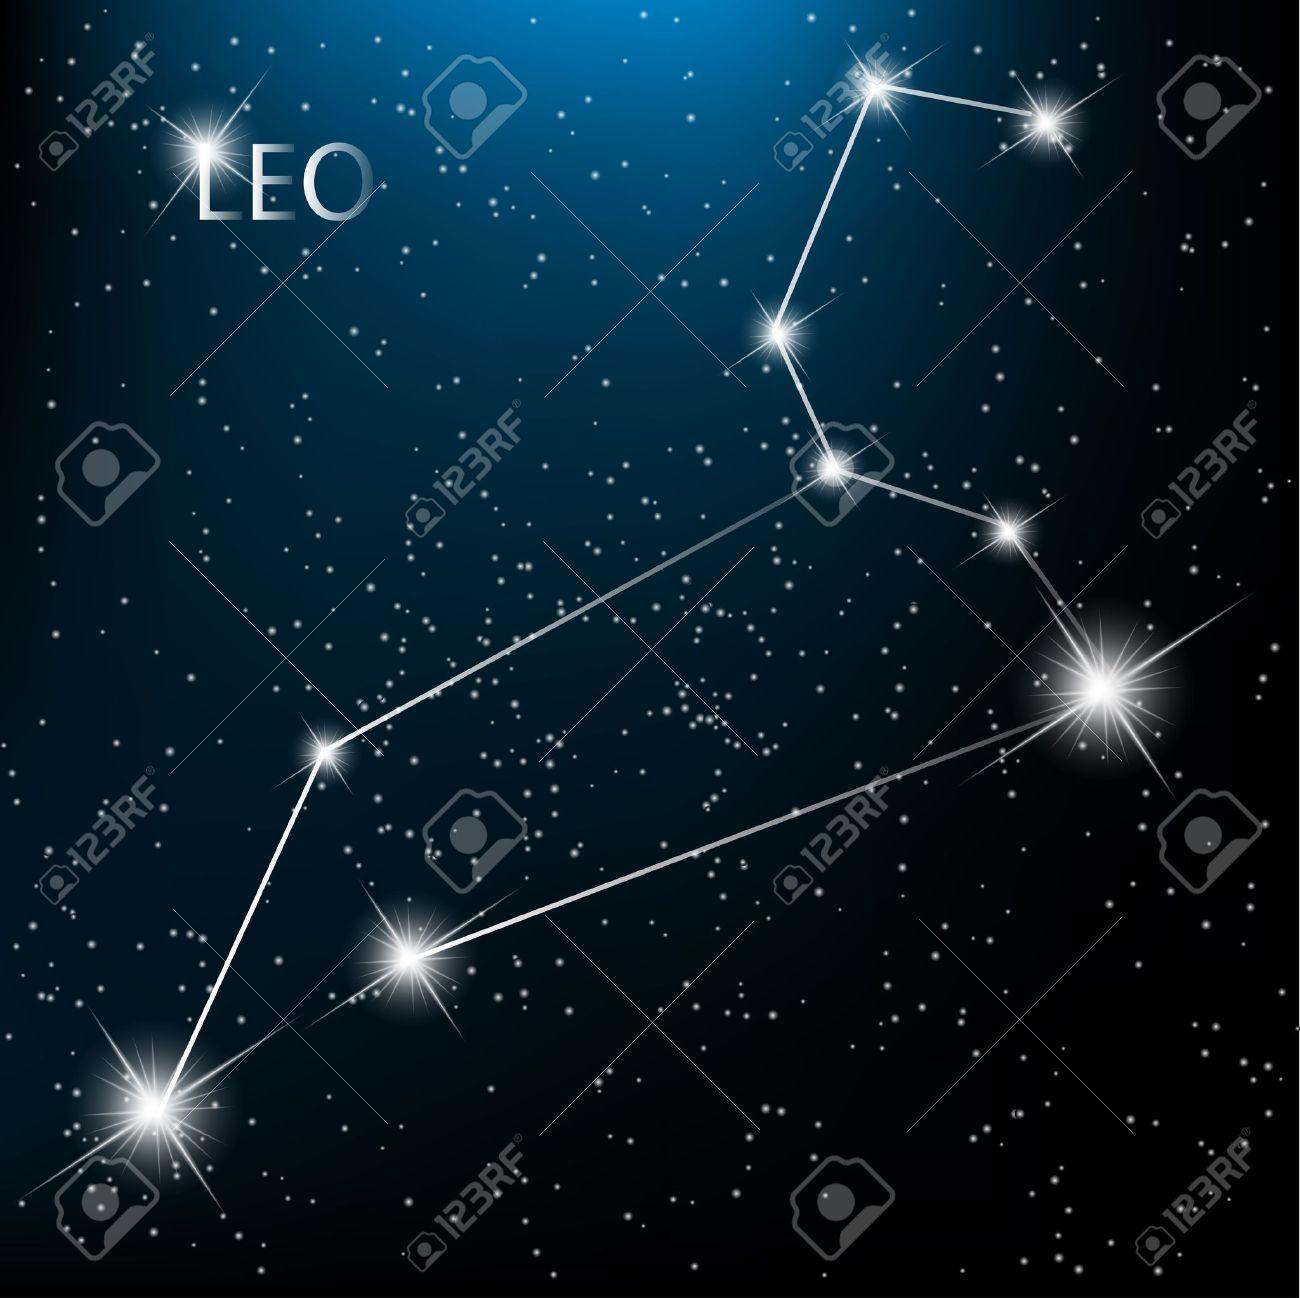 Leo Zodiac sign bright stars in cosmos. - 12495915